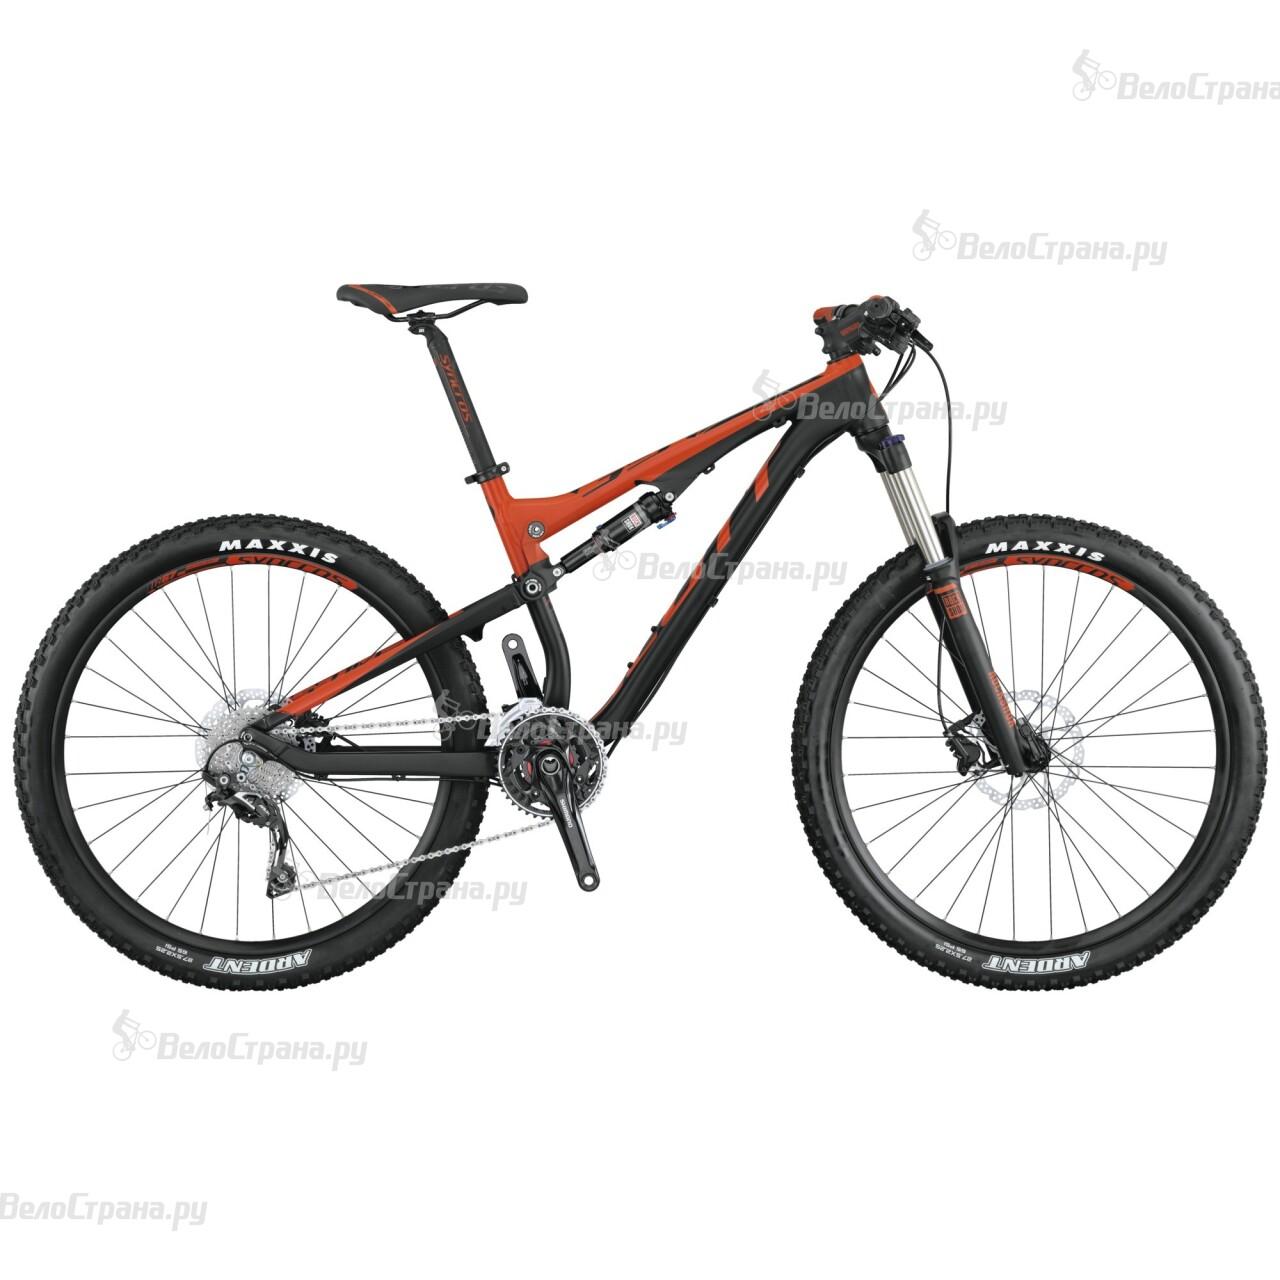 Велосипед Scott GENIUS 750 (2015) scott genius 750 2015